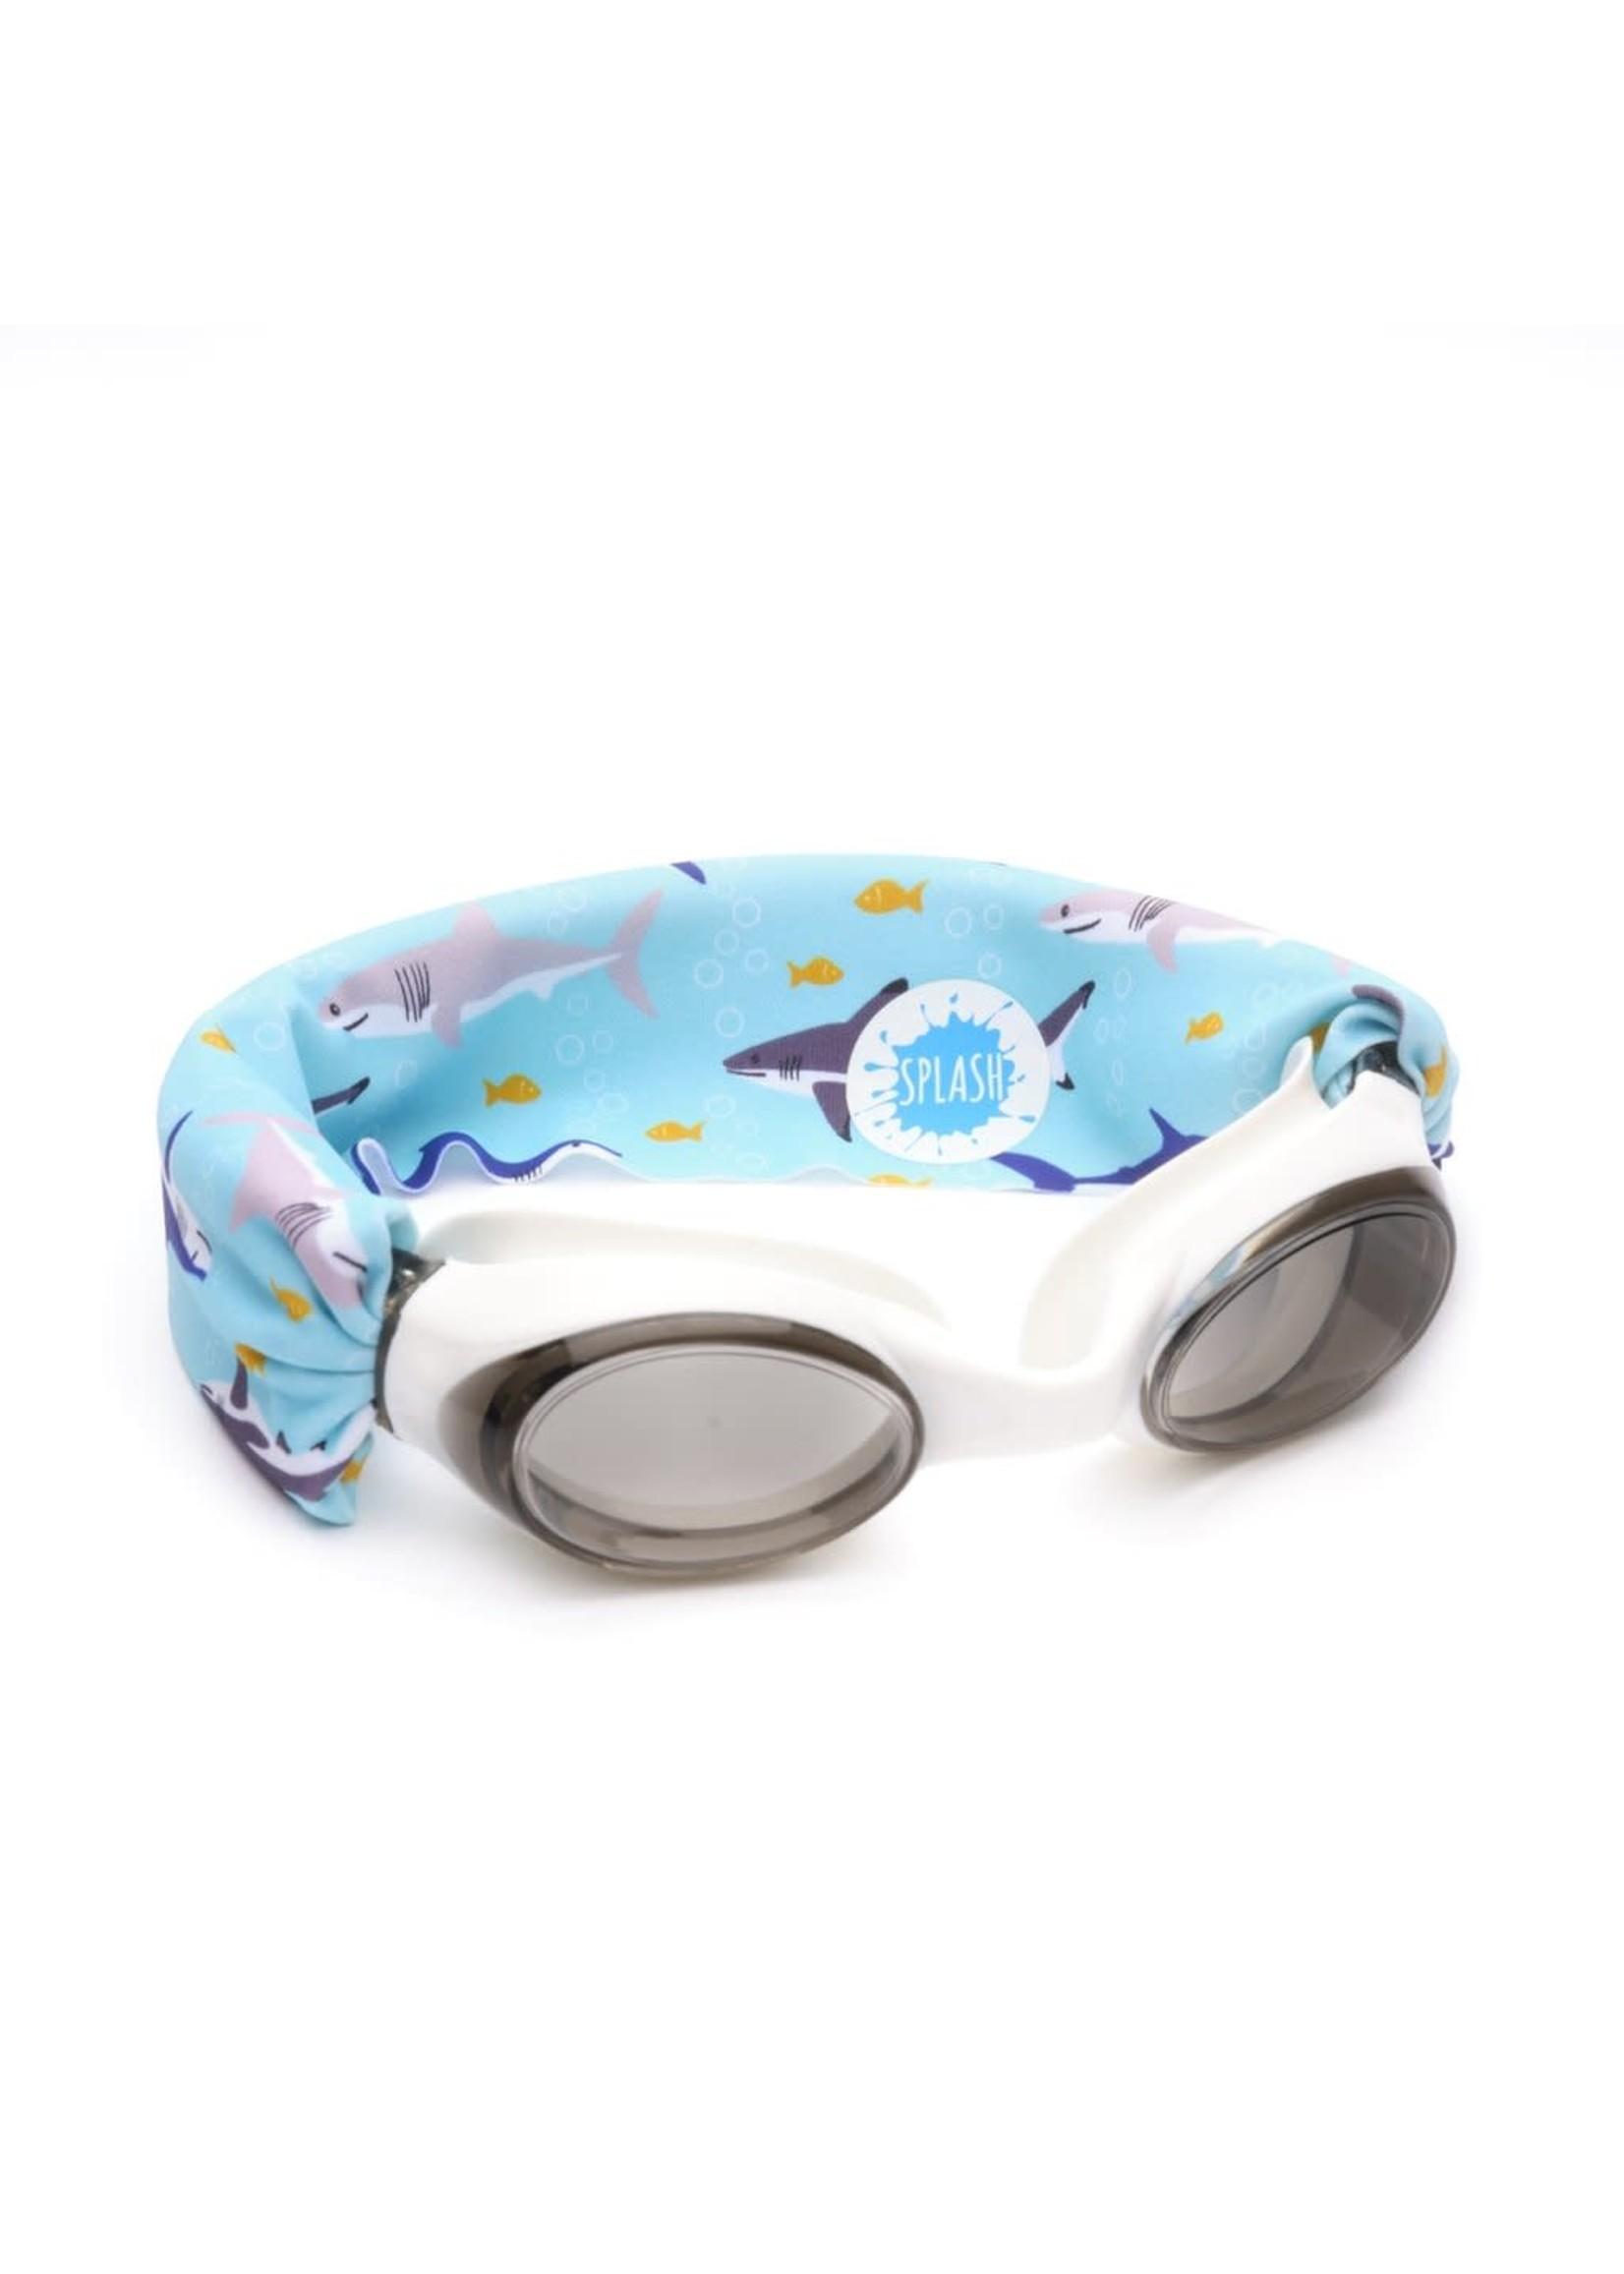 splash Splash swim goggles